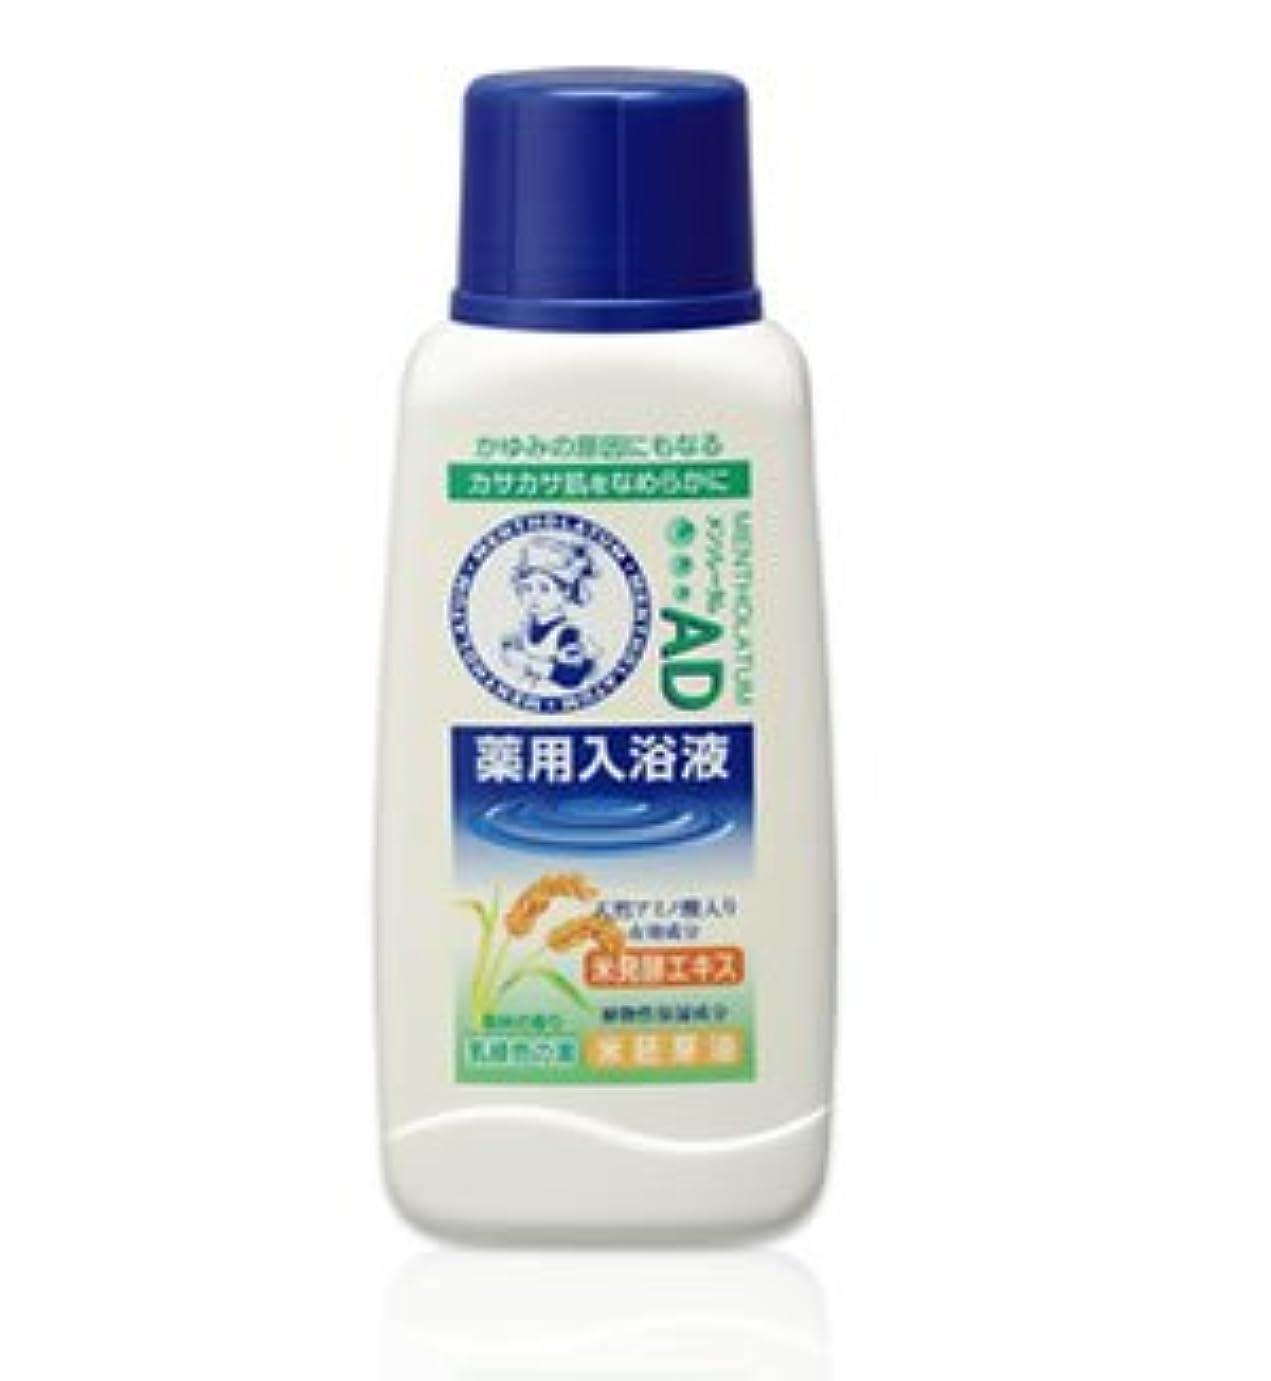 誤解する軽話(ロート)メンソレータム AD薬用入浴剤 森林の香り720ml(医薬部外品)(お買い得3本セット)